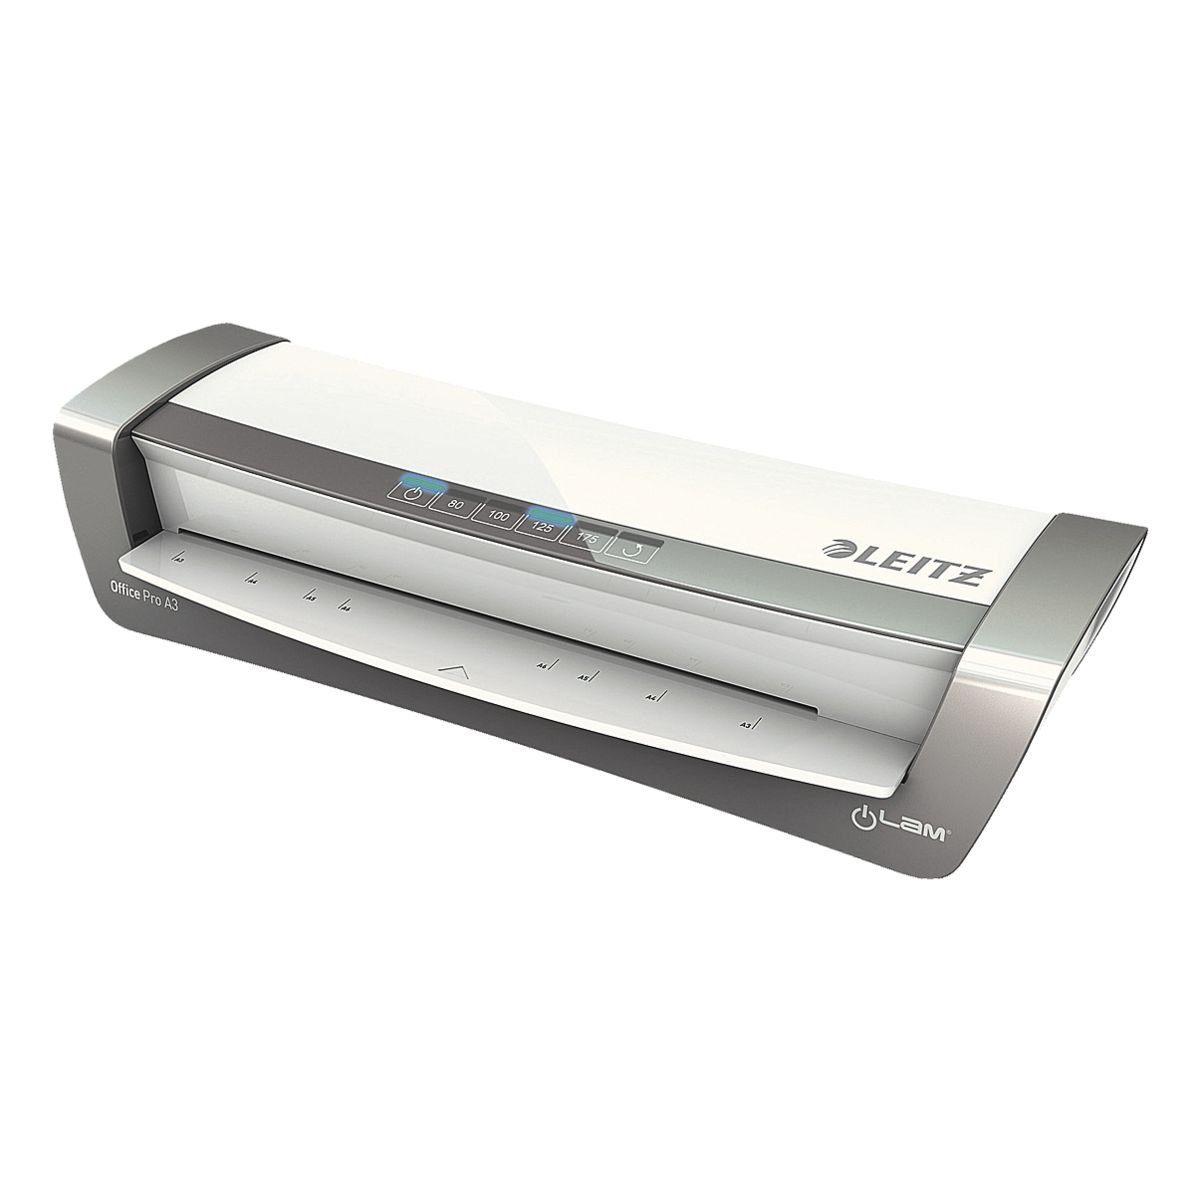 LEITZ A3 Laminiergerät »iLAM Office Pro 7518«